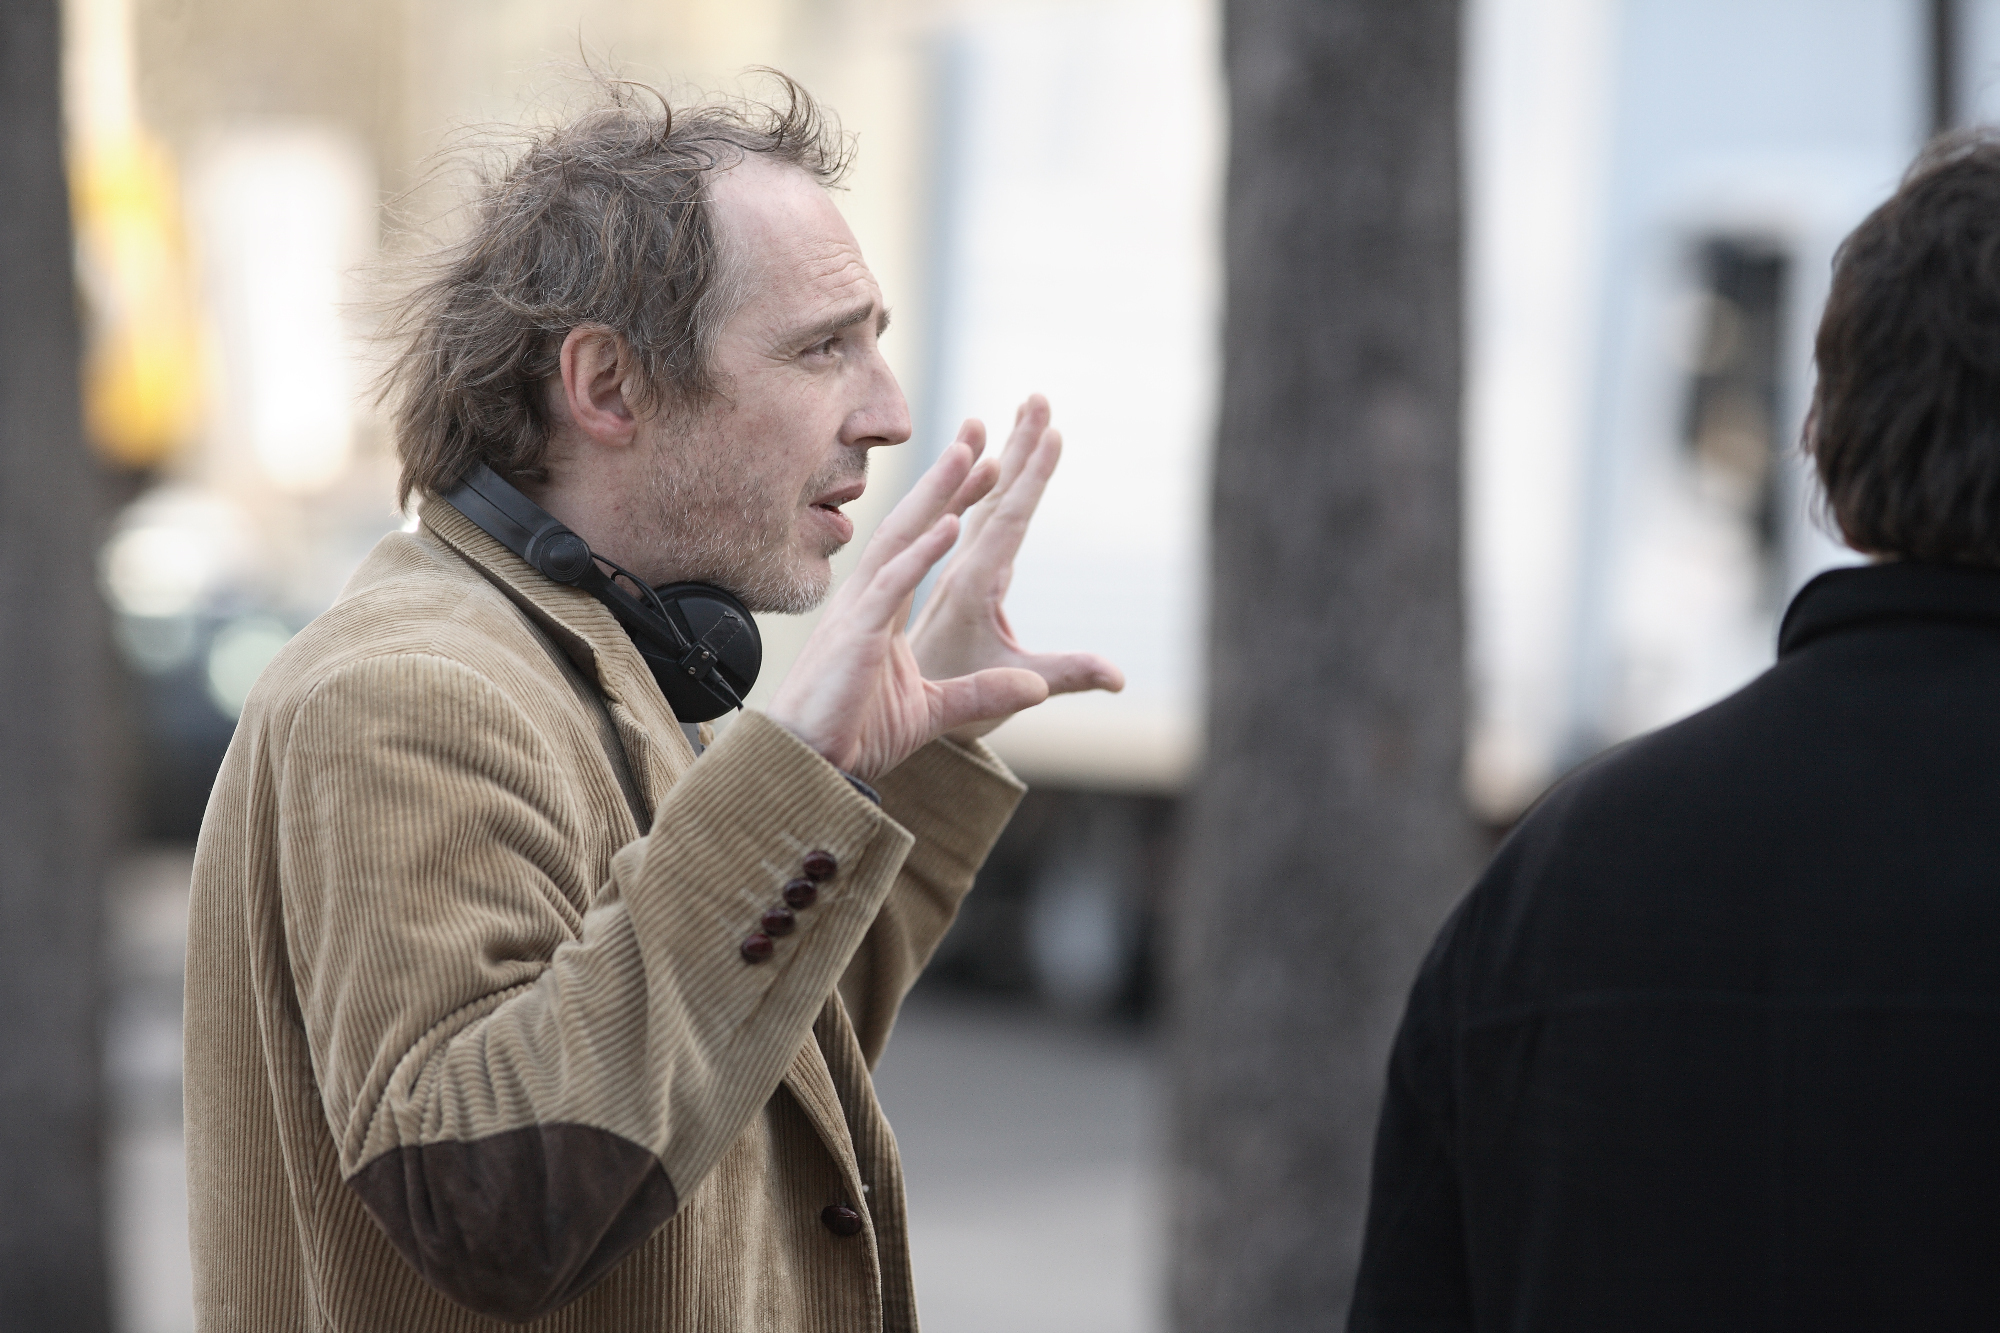 Arnaud Desplechin in Un conte de Noël (2008)